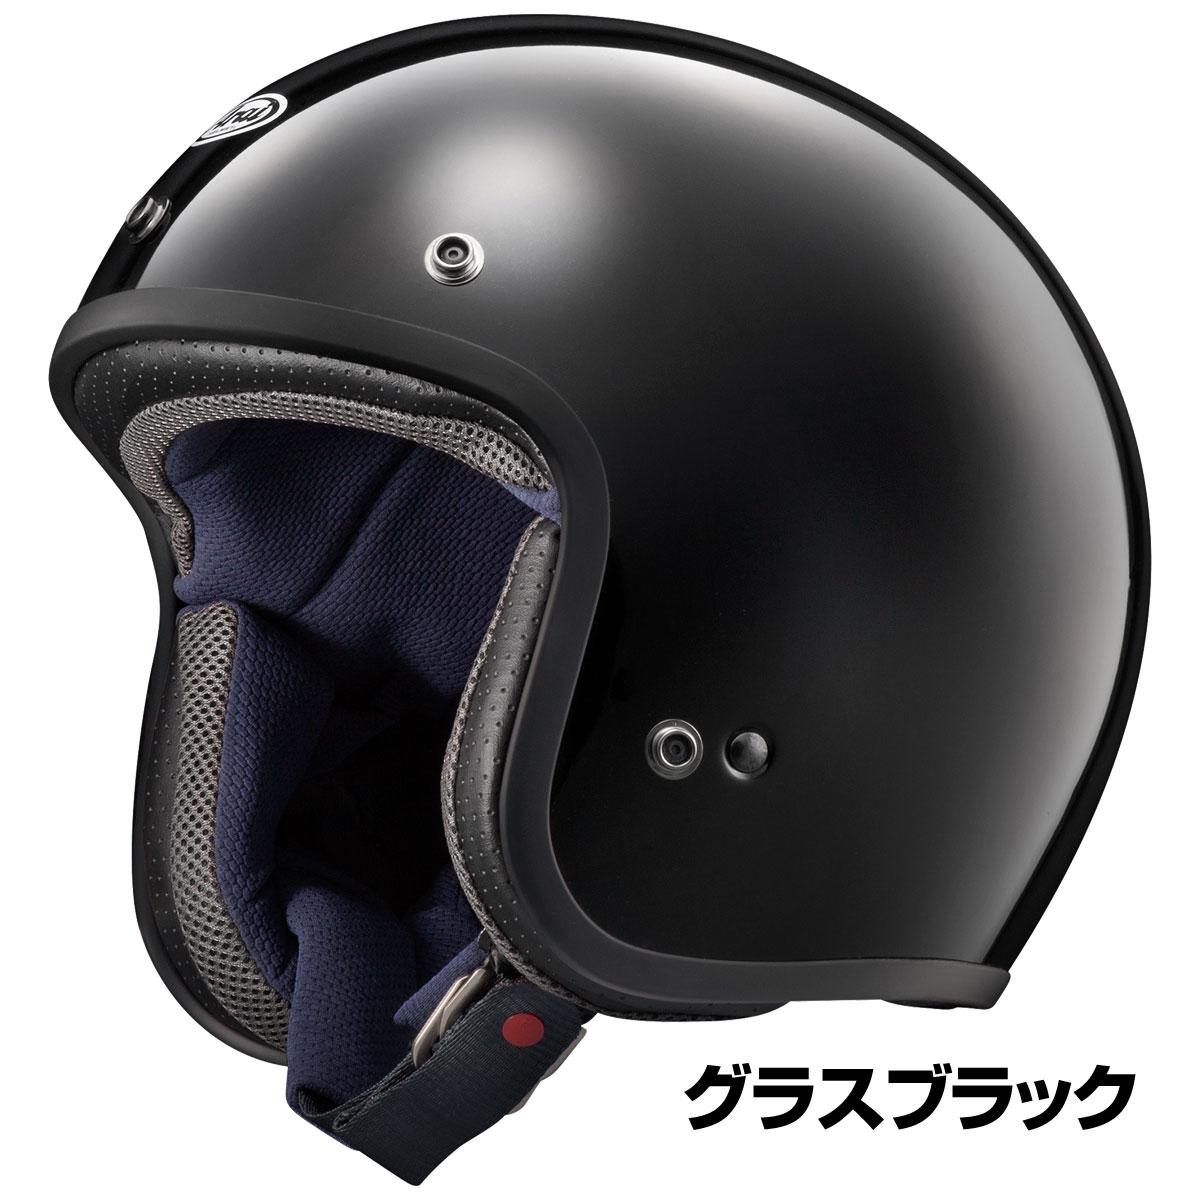 Arai CLASSIC-MOD ヘルメット 【グラスブラック】【アライ バイク用 クラシック・モッド】【smtb-k】